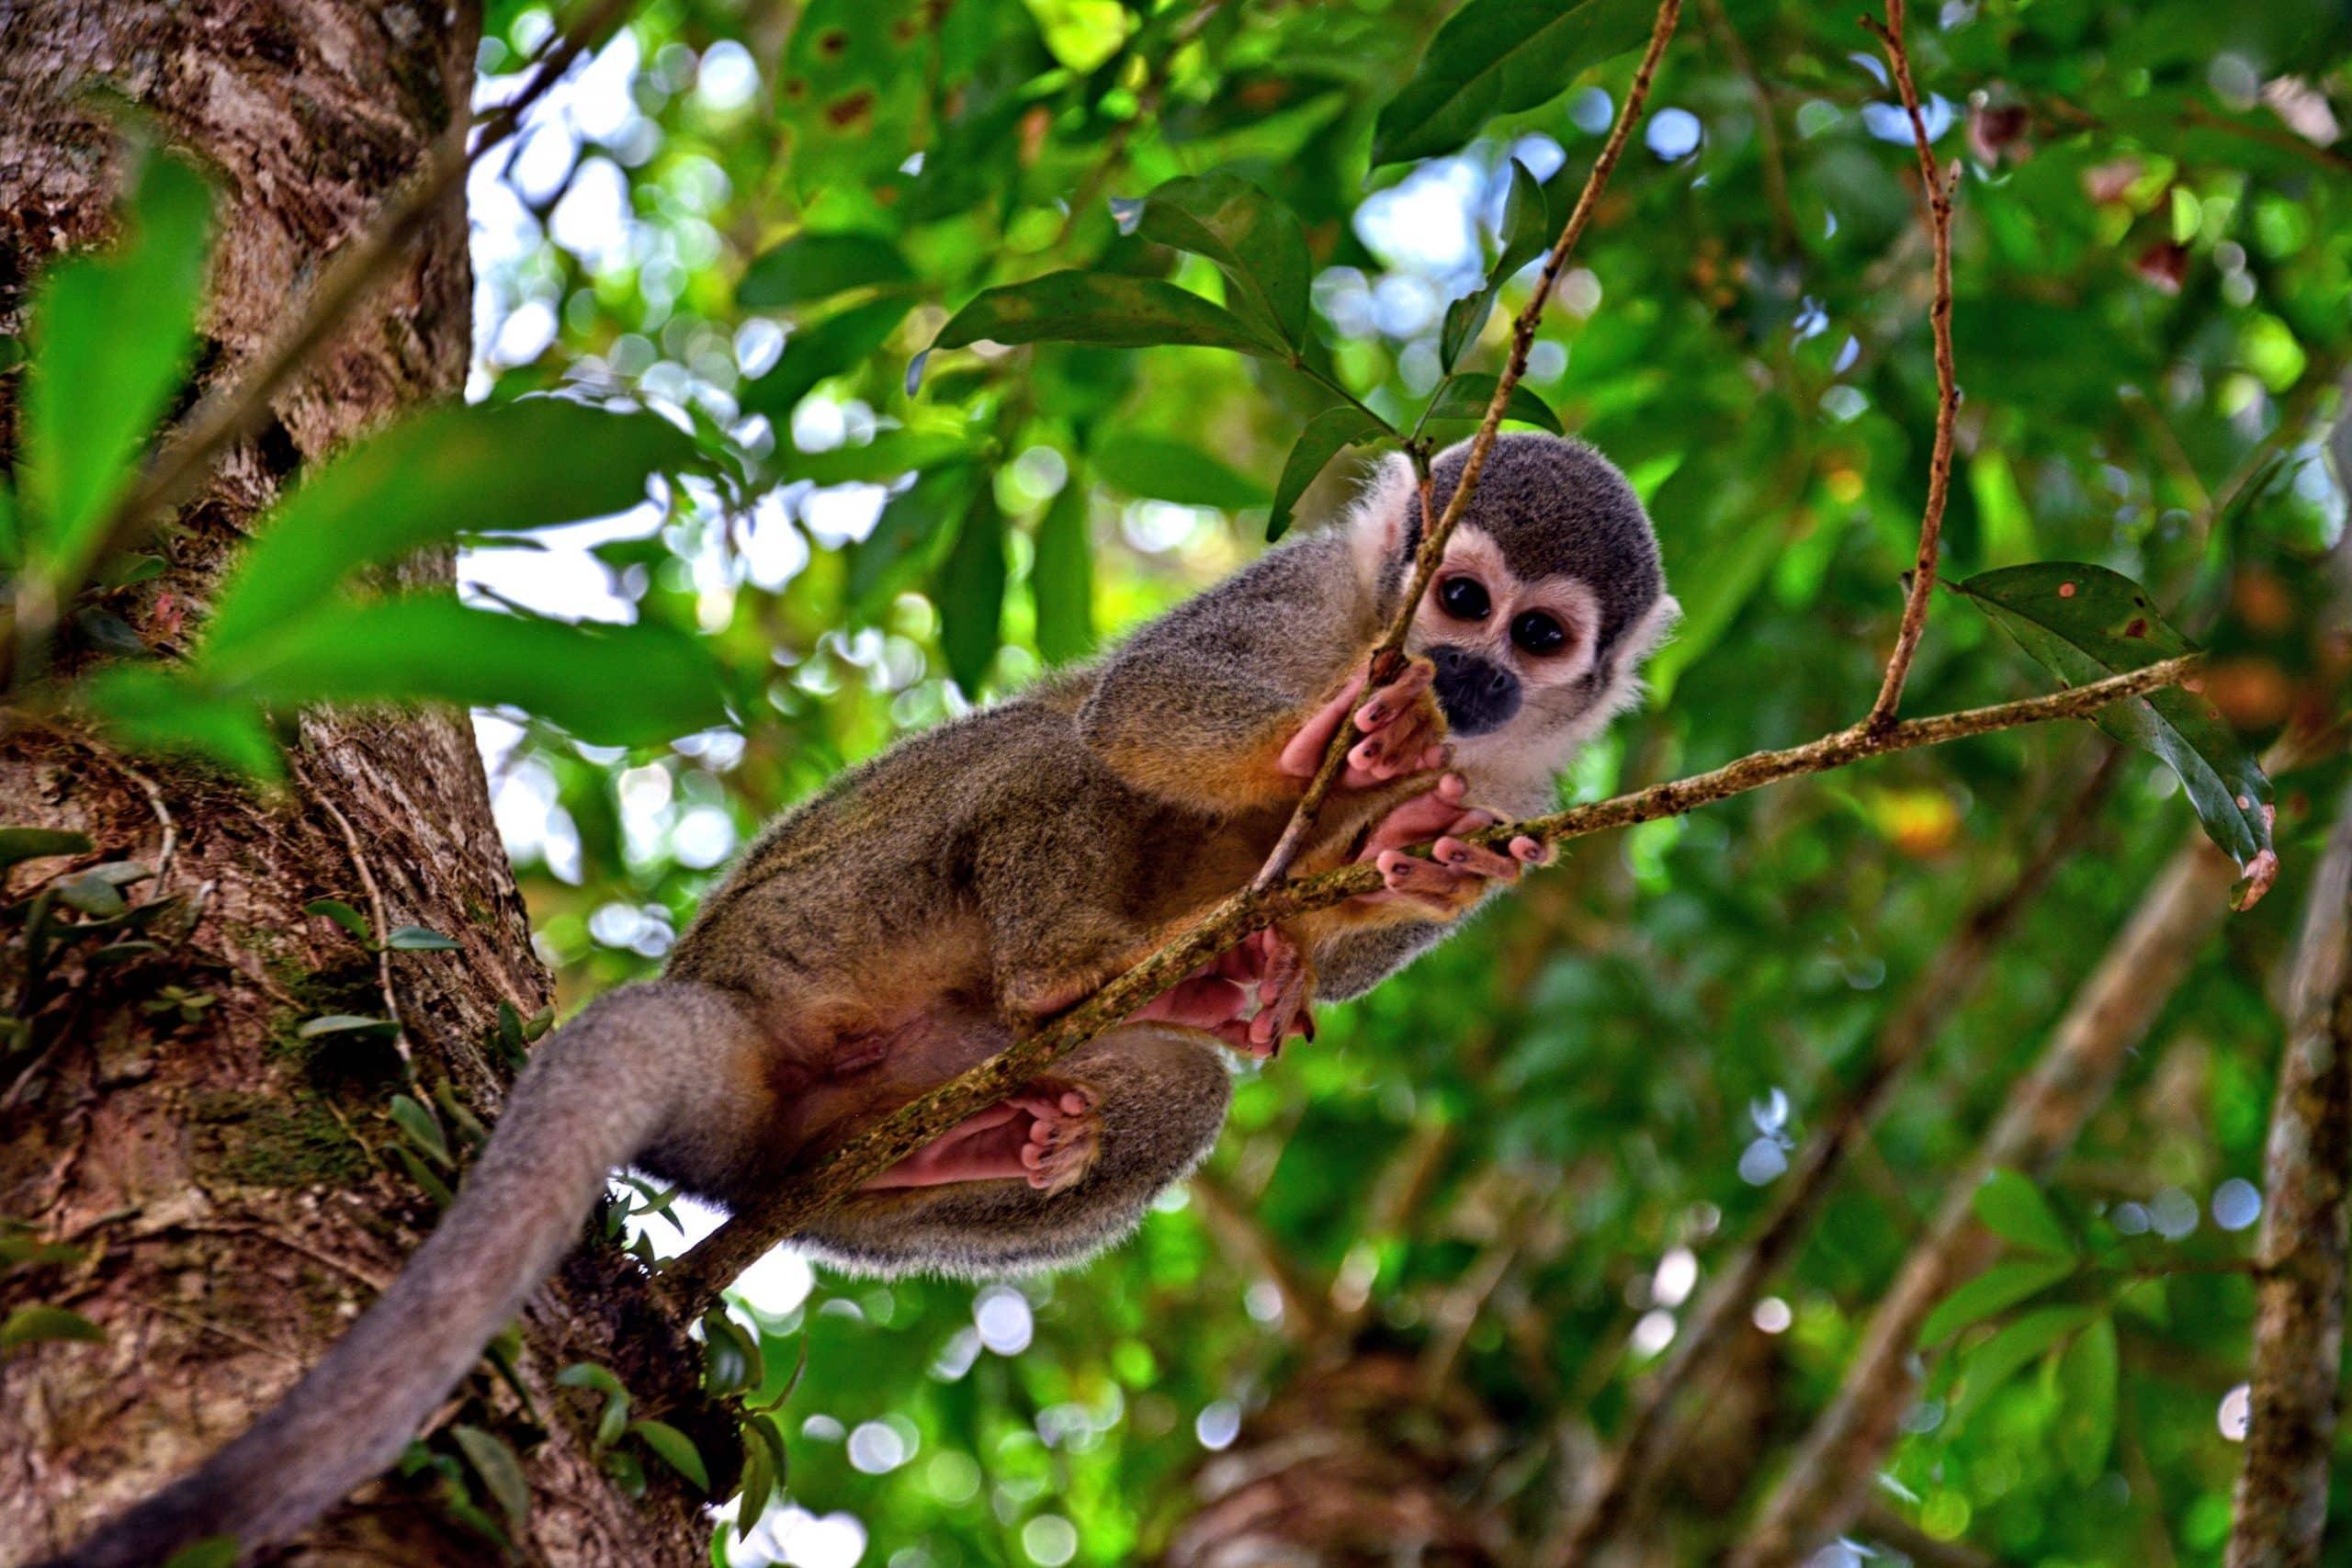 Volontariato internazionale in Ecuador per la tutela degli animali